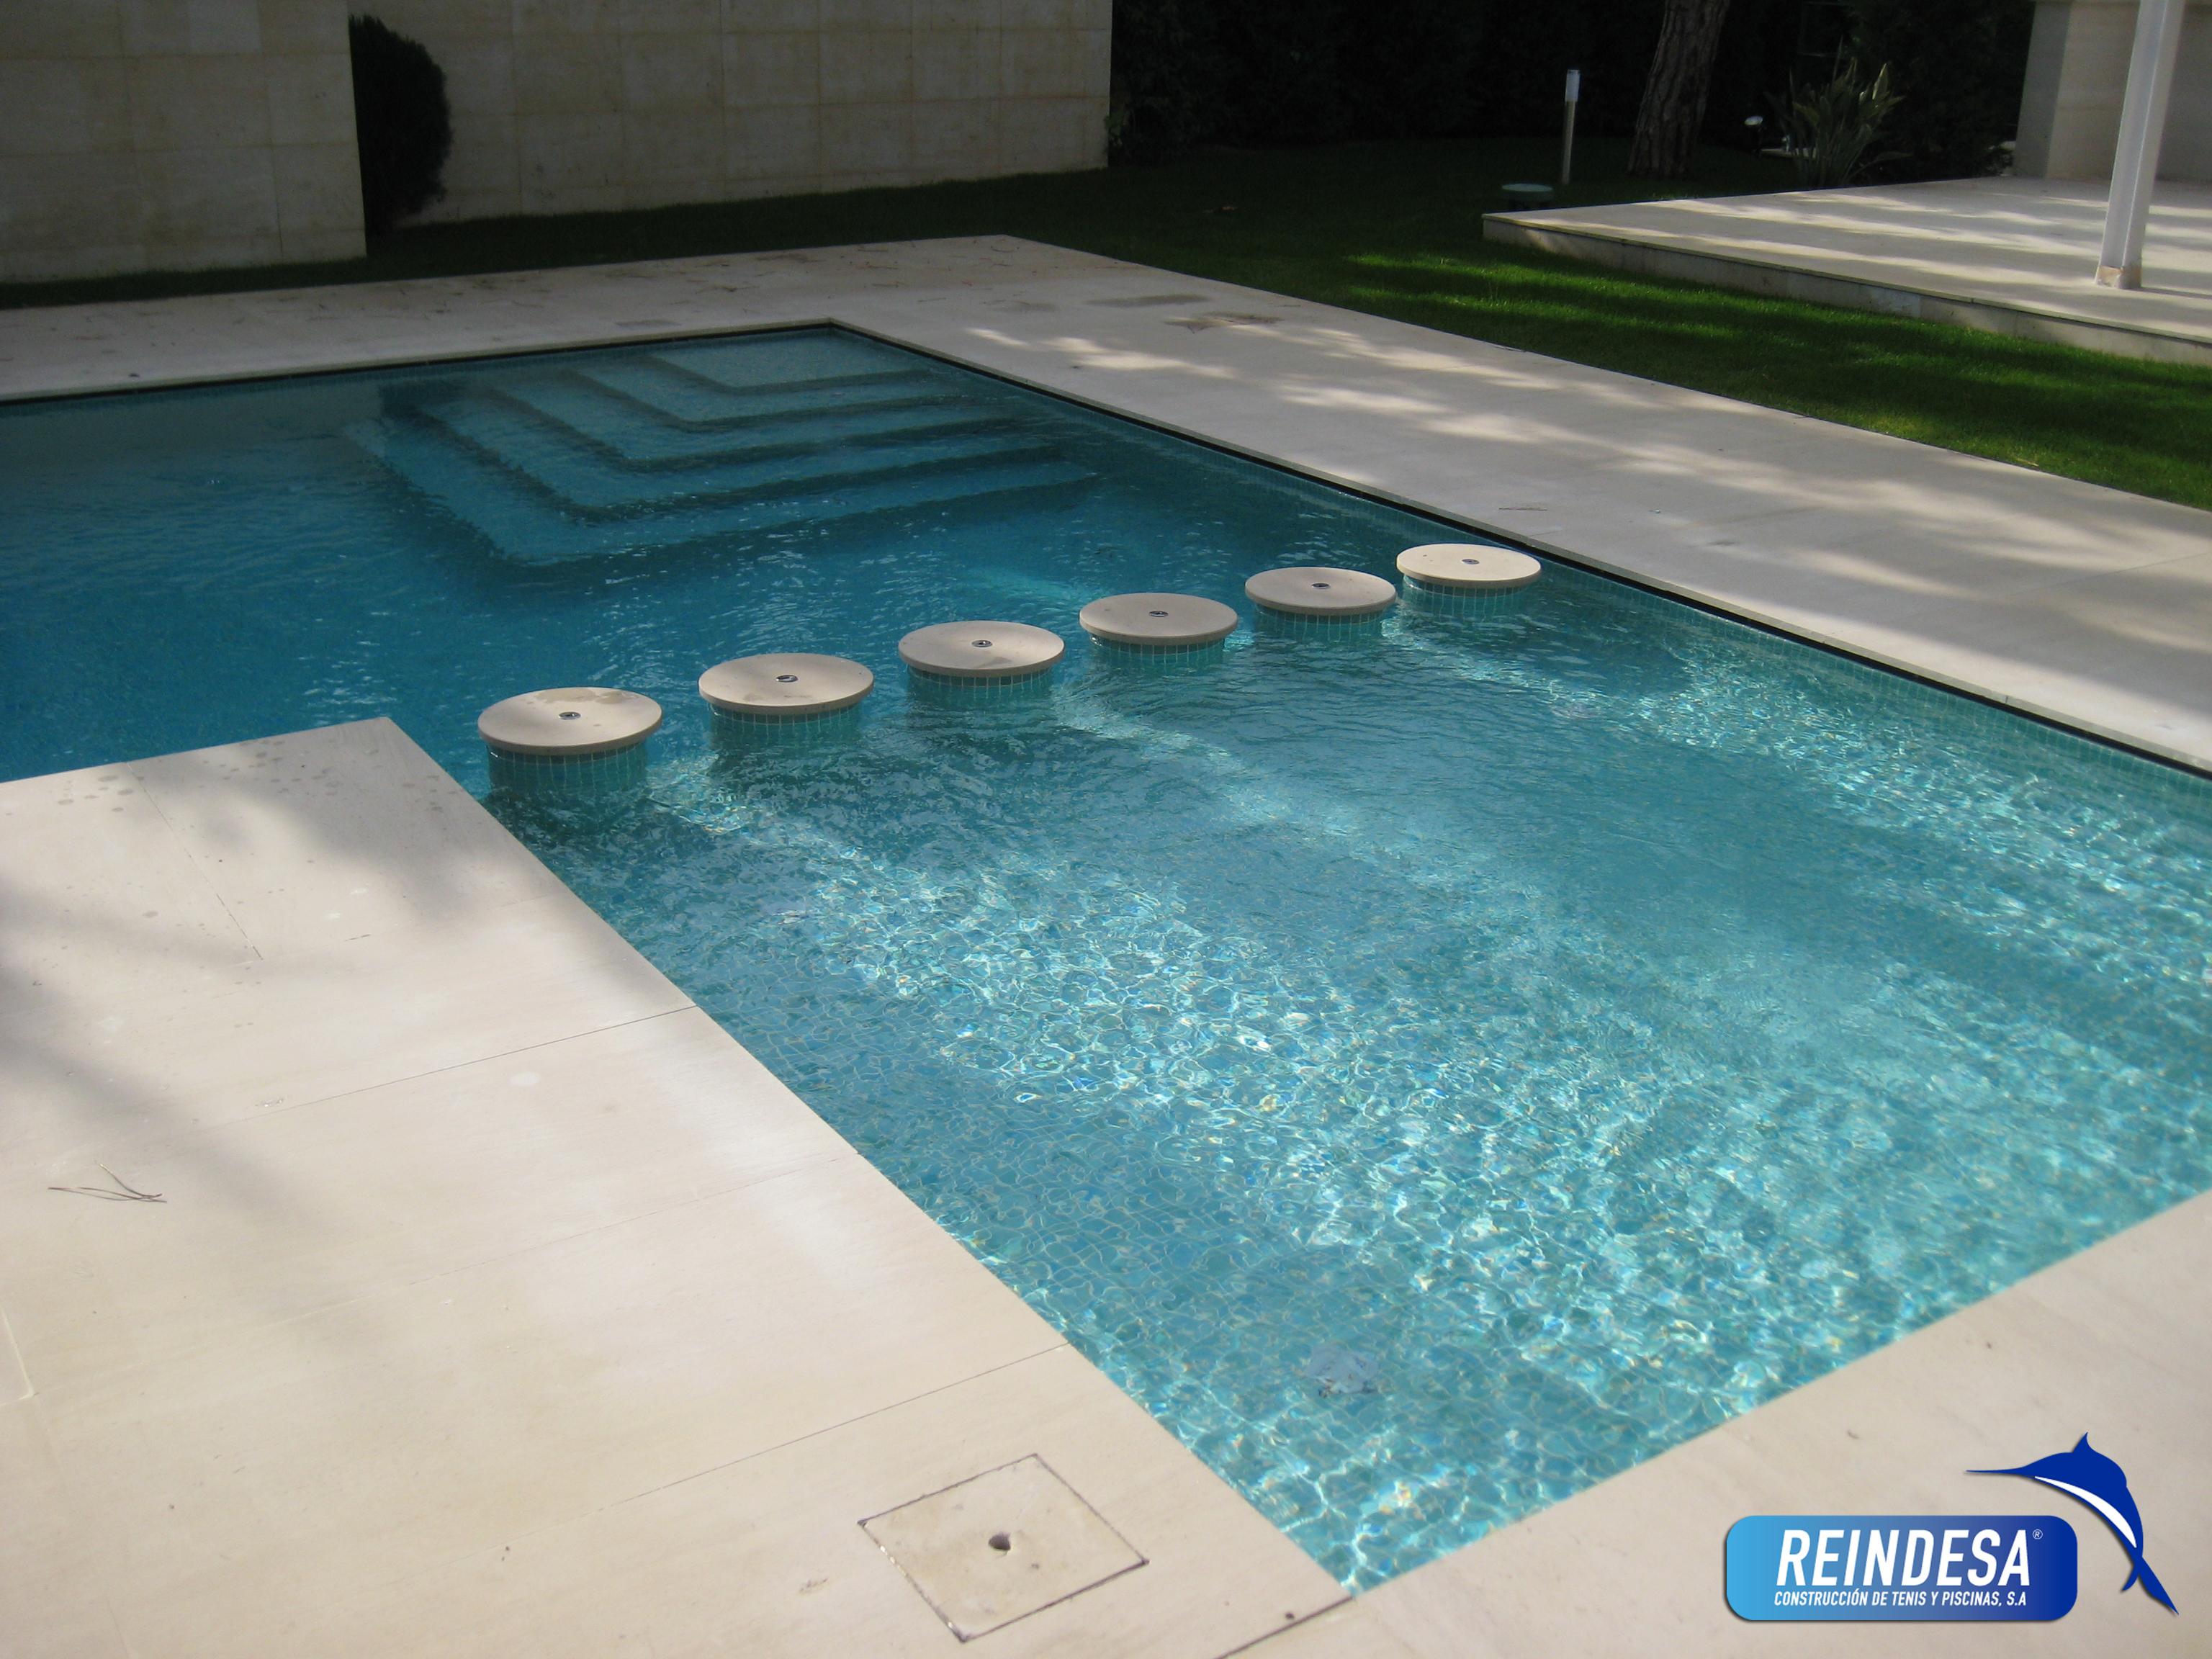 Construccion de tenis y piscinas s a reindesa for Gresite piscinas colores